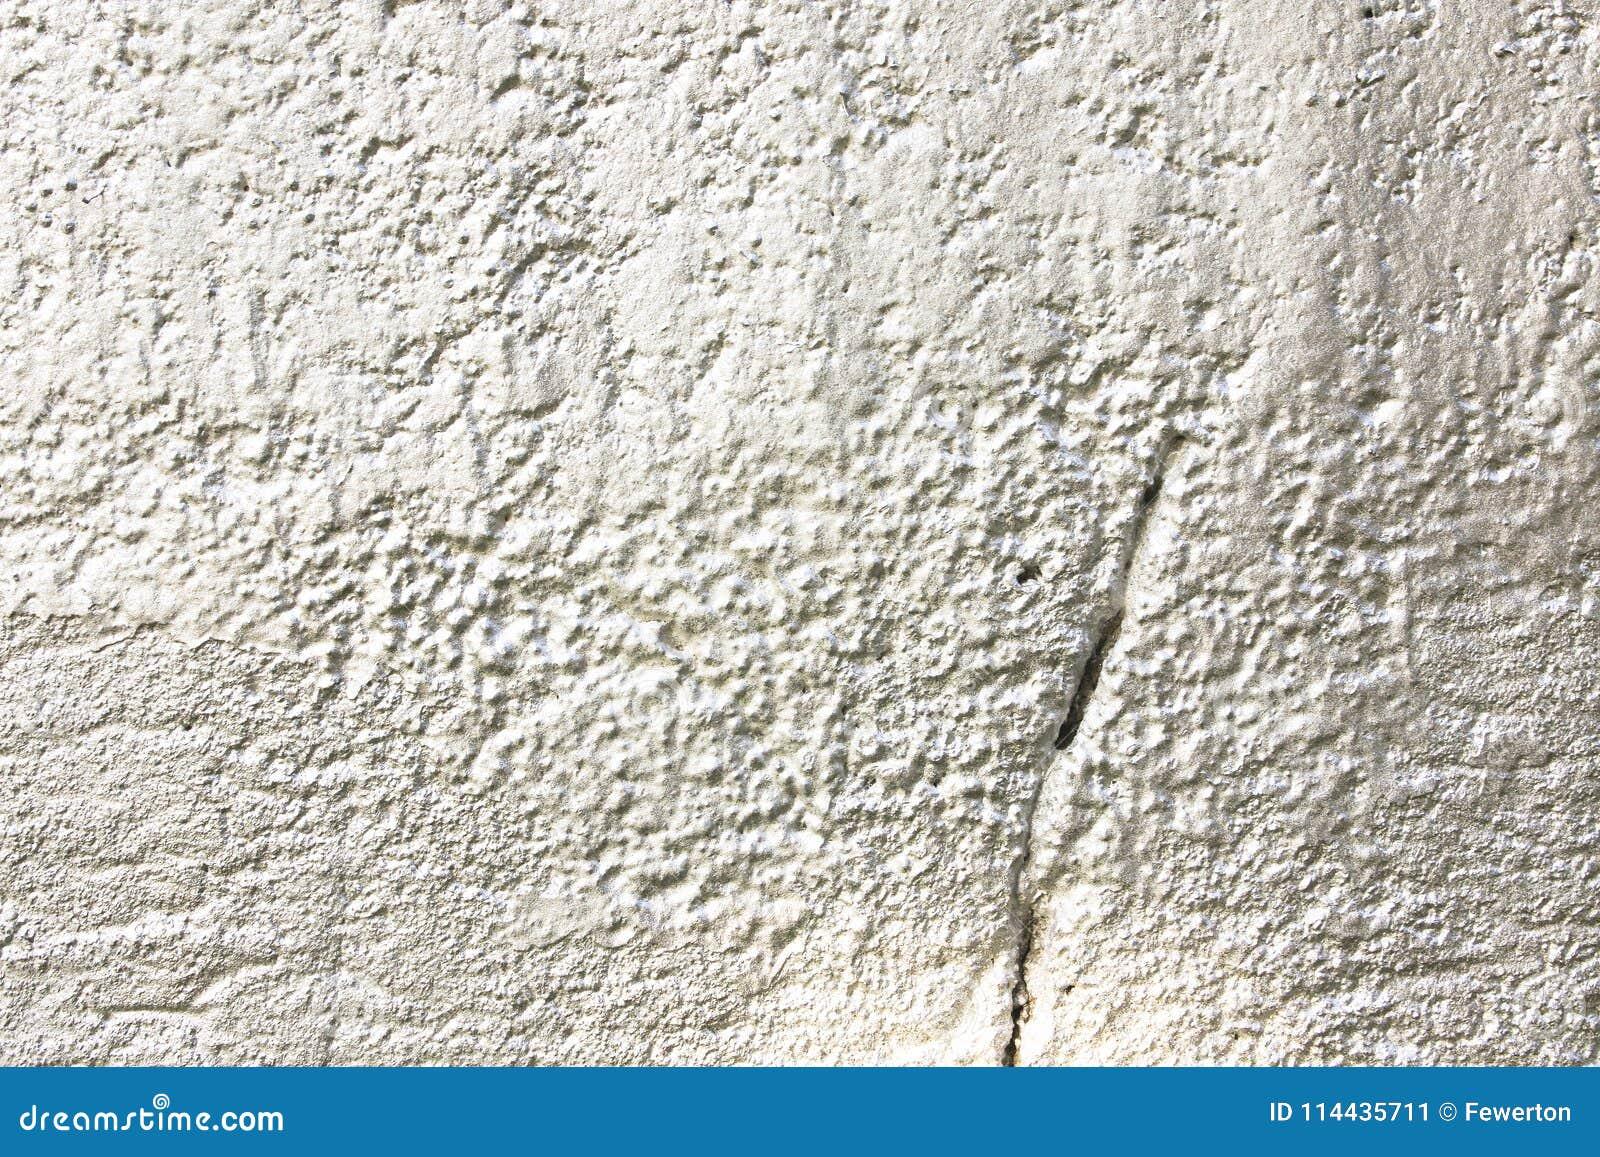 作为抽象纹理背景的白色灰色金属被喷洒的被绘的混凝土墙